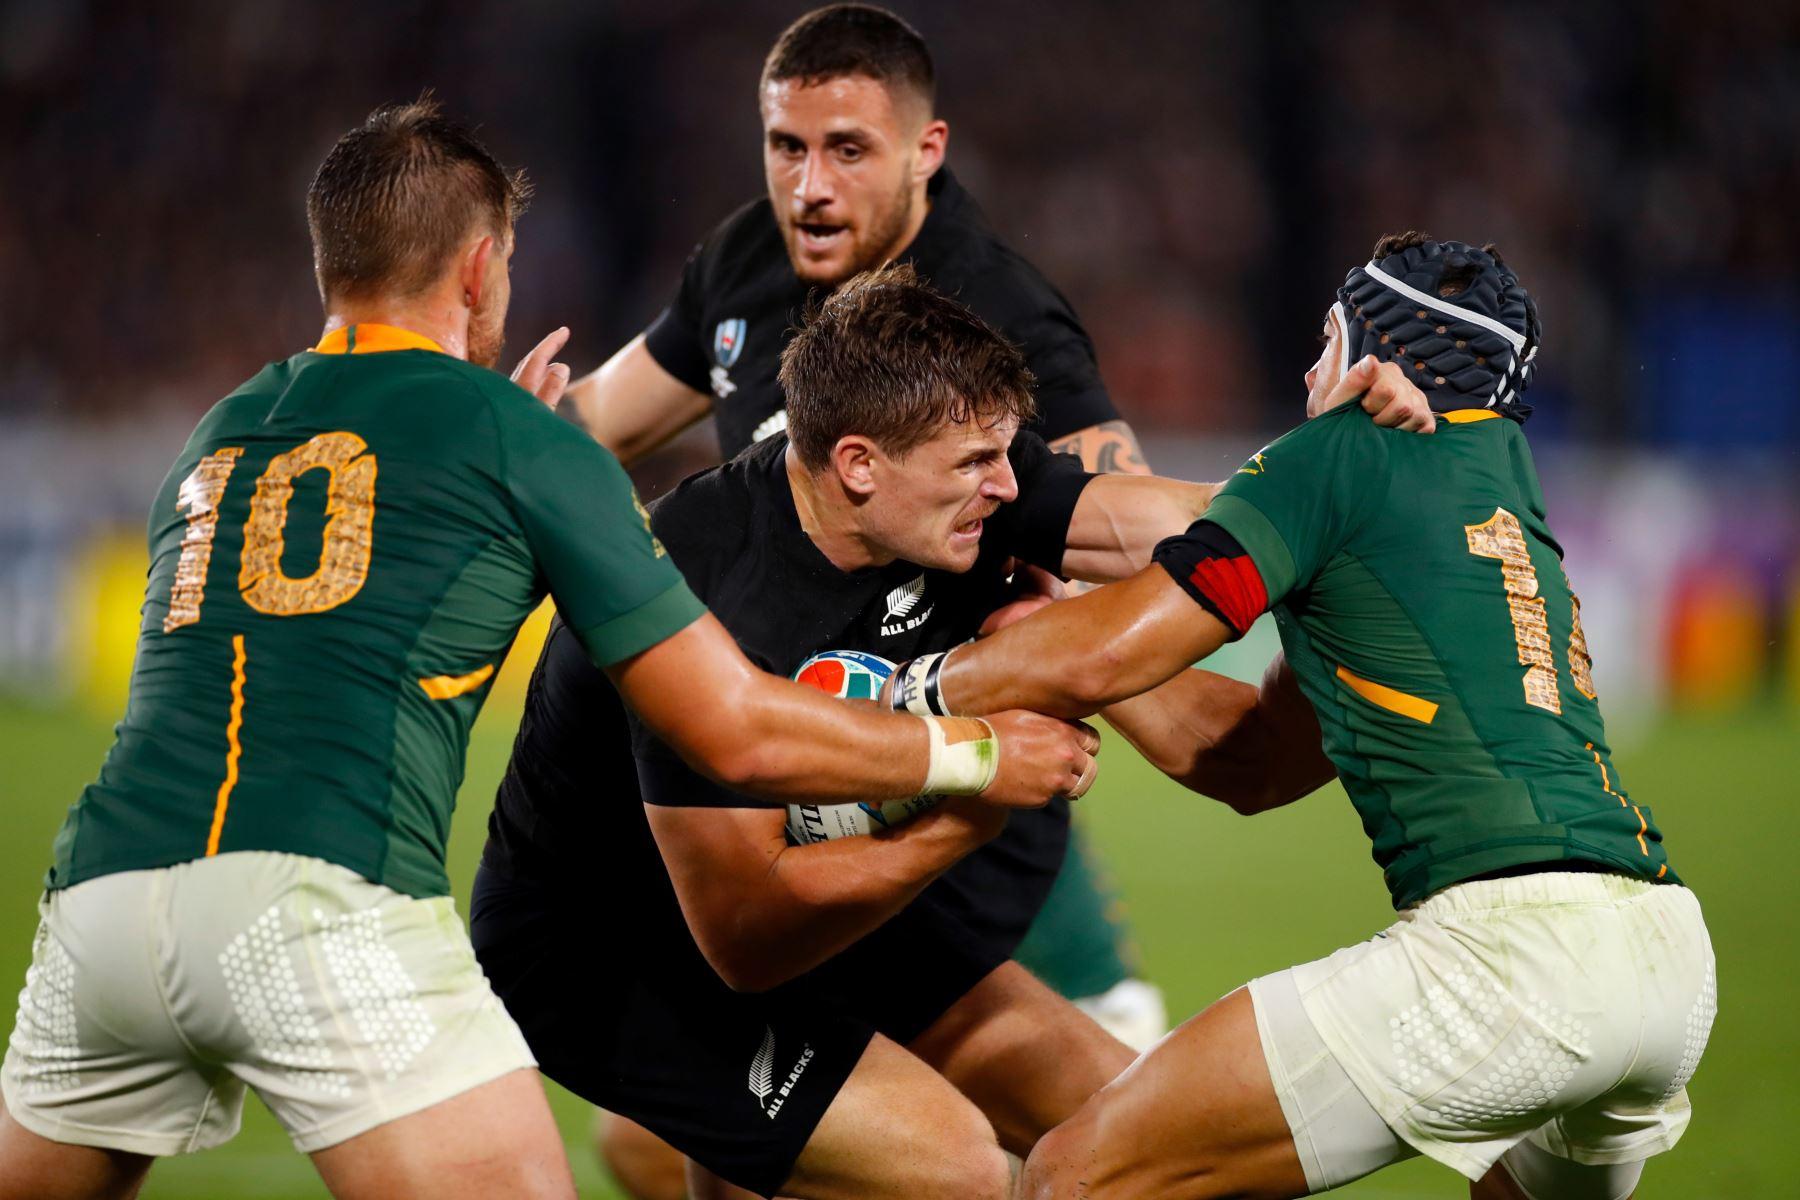 El ala de Nueva Zelanda, George Bridge (C), es abordado por la mitad de la mosca de Sudáfrica Handre Pollard (L) y el ala Cheslin Kolbe, mientras el compañero de equipo scrum-half TJ Perenara (atrás) observa durante el partido del Grupo B de la Copa Mundial de Rugby de Japón 2019. Foto:AFP